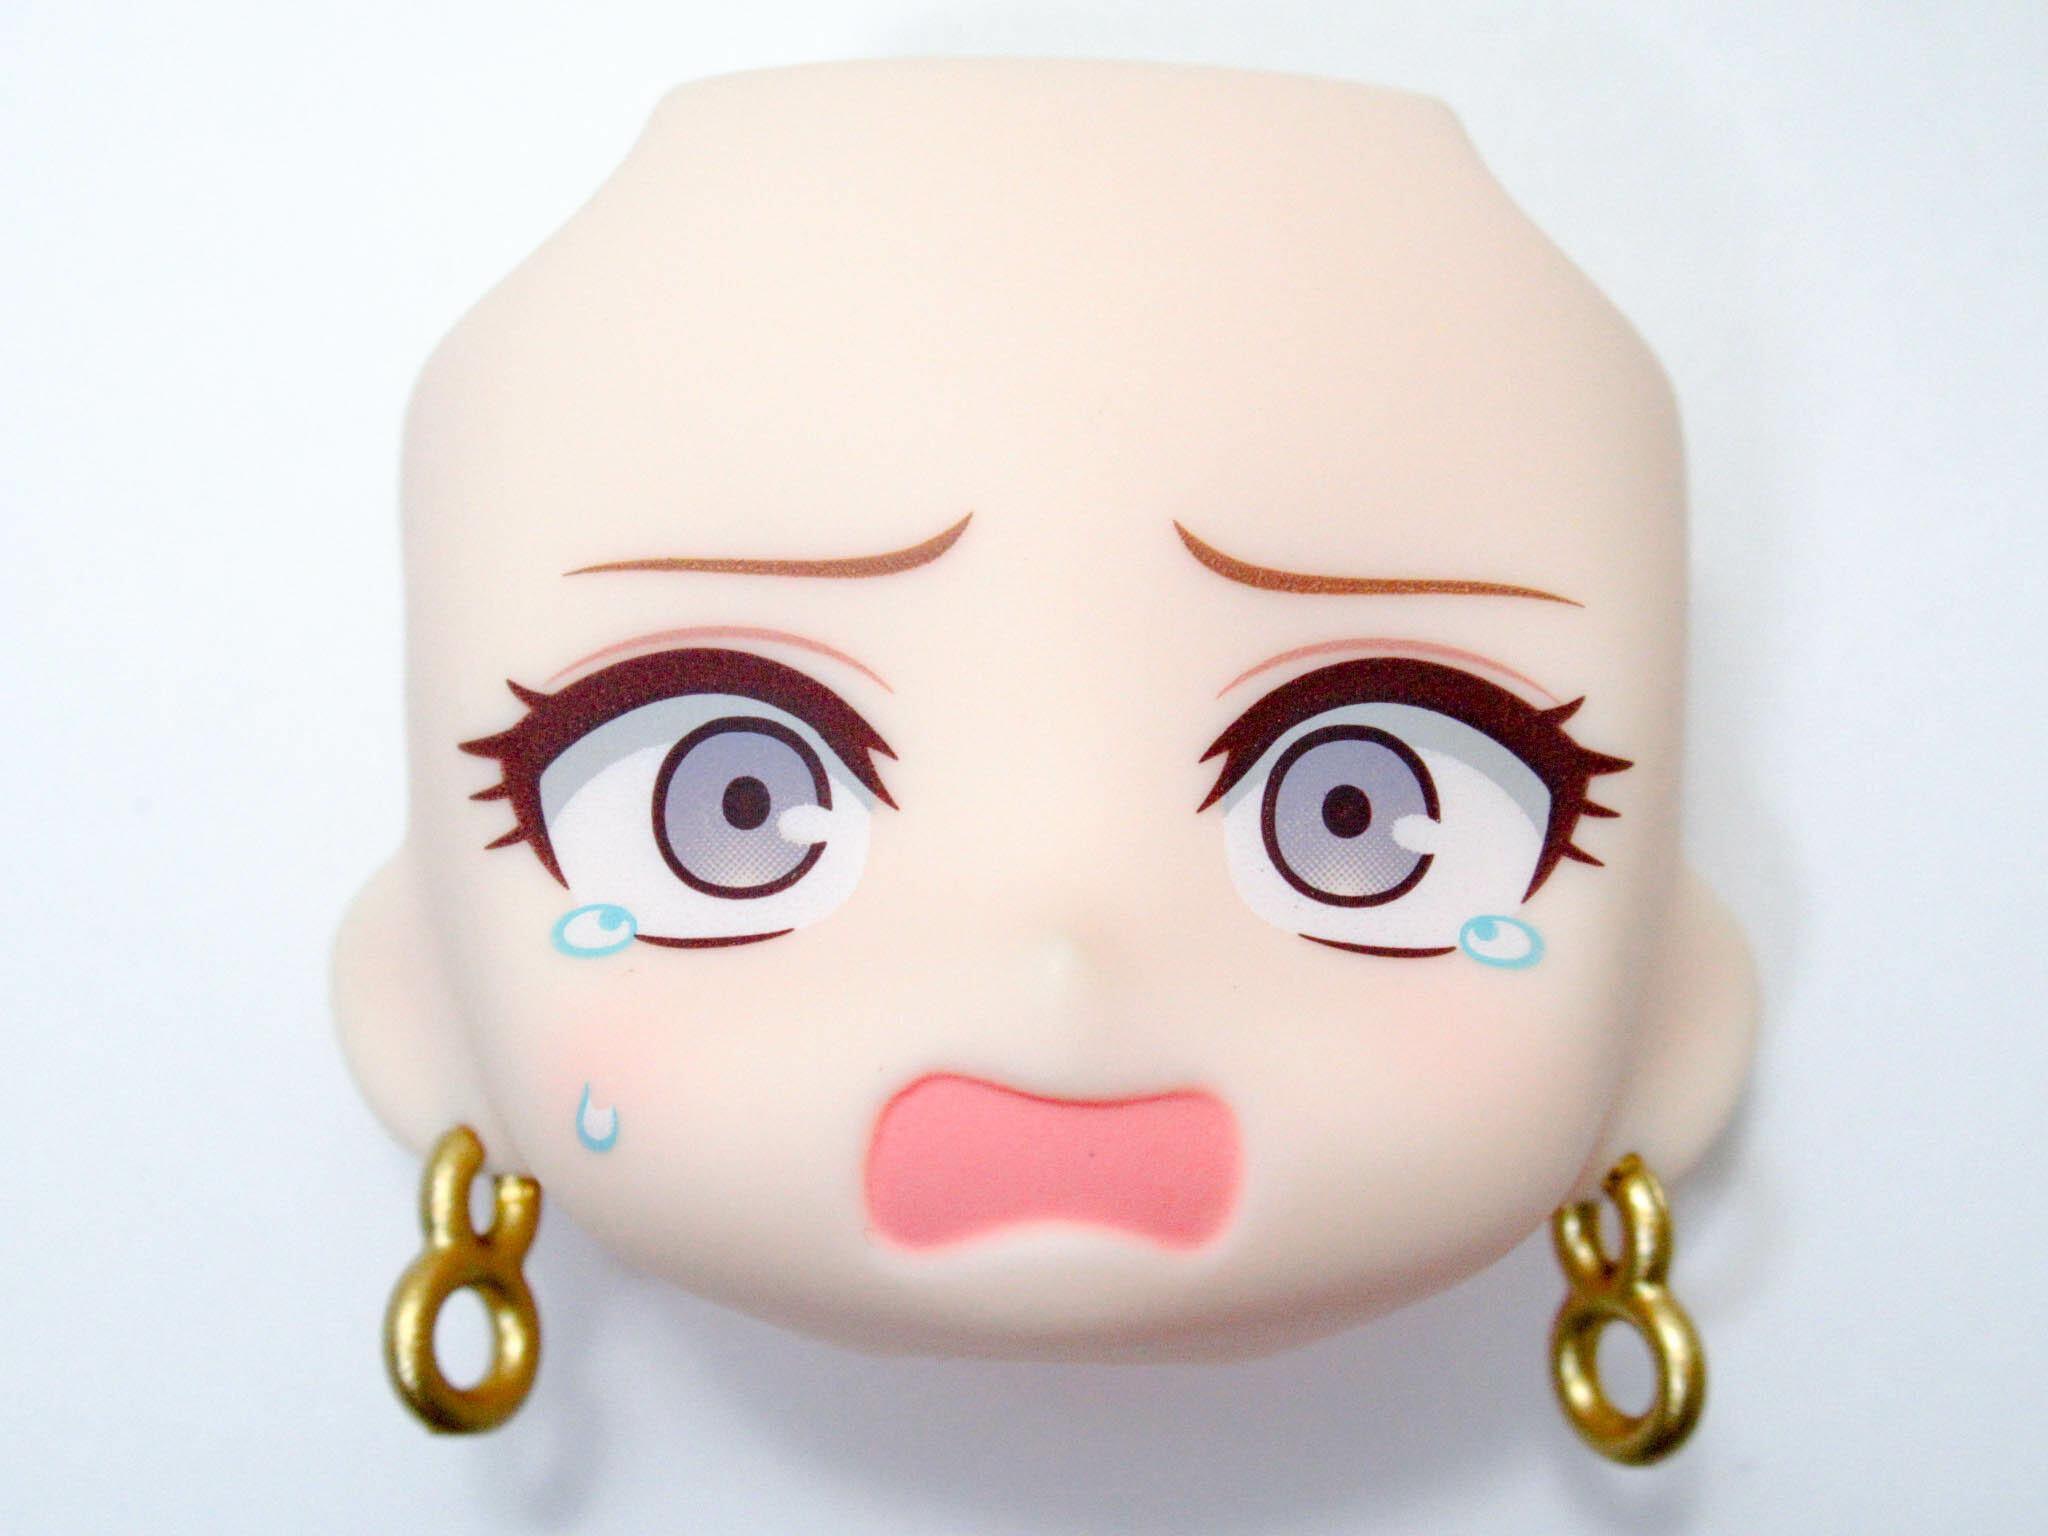 【1016】 ランサー/エレシュキガル  顔パーツ 泣き顔 ねんどろいど